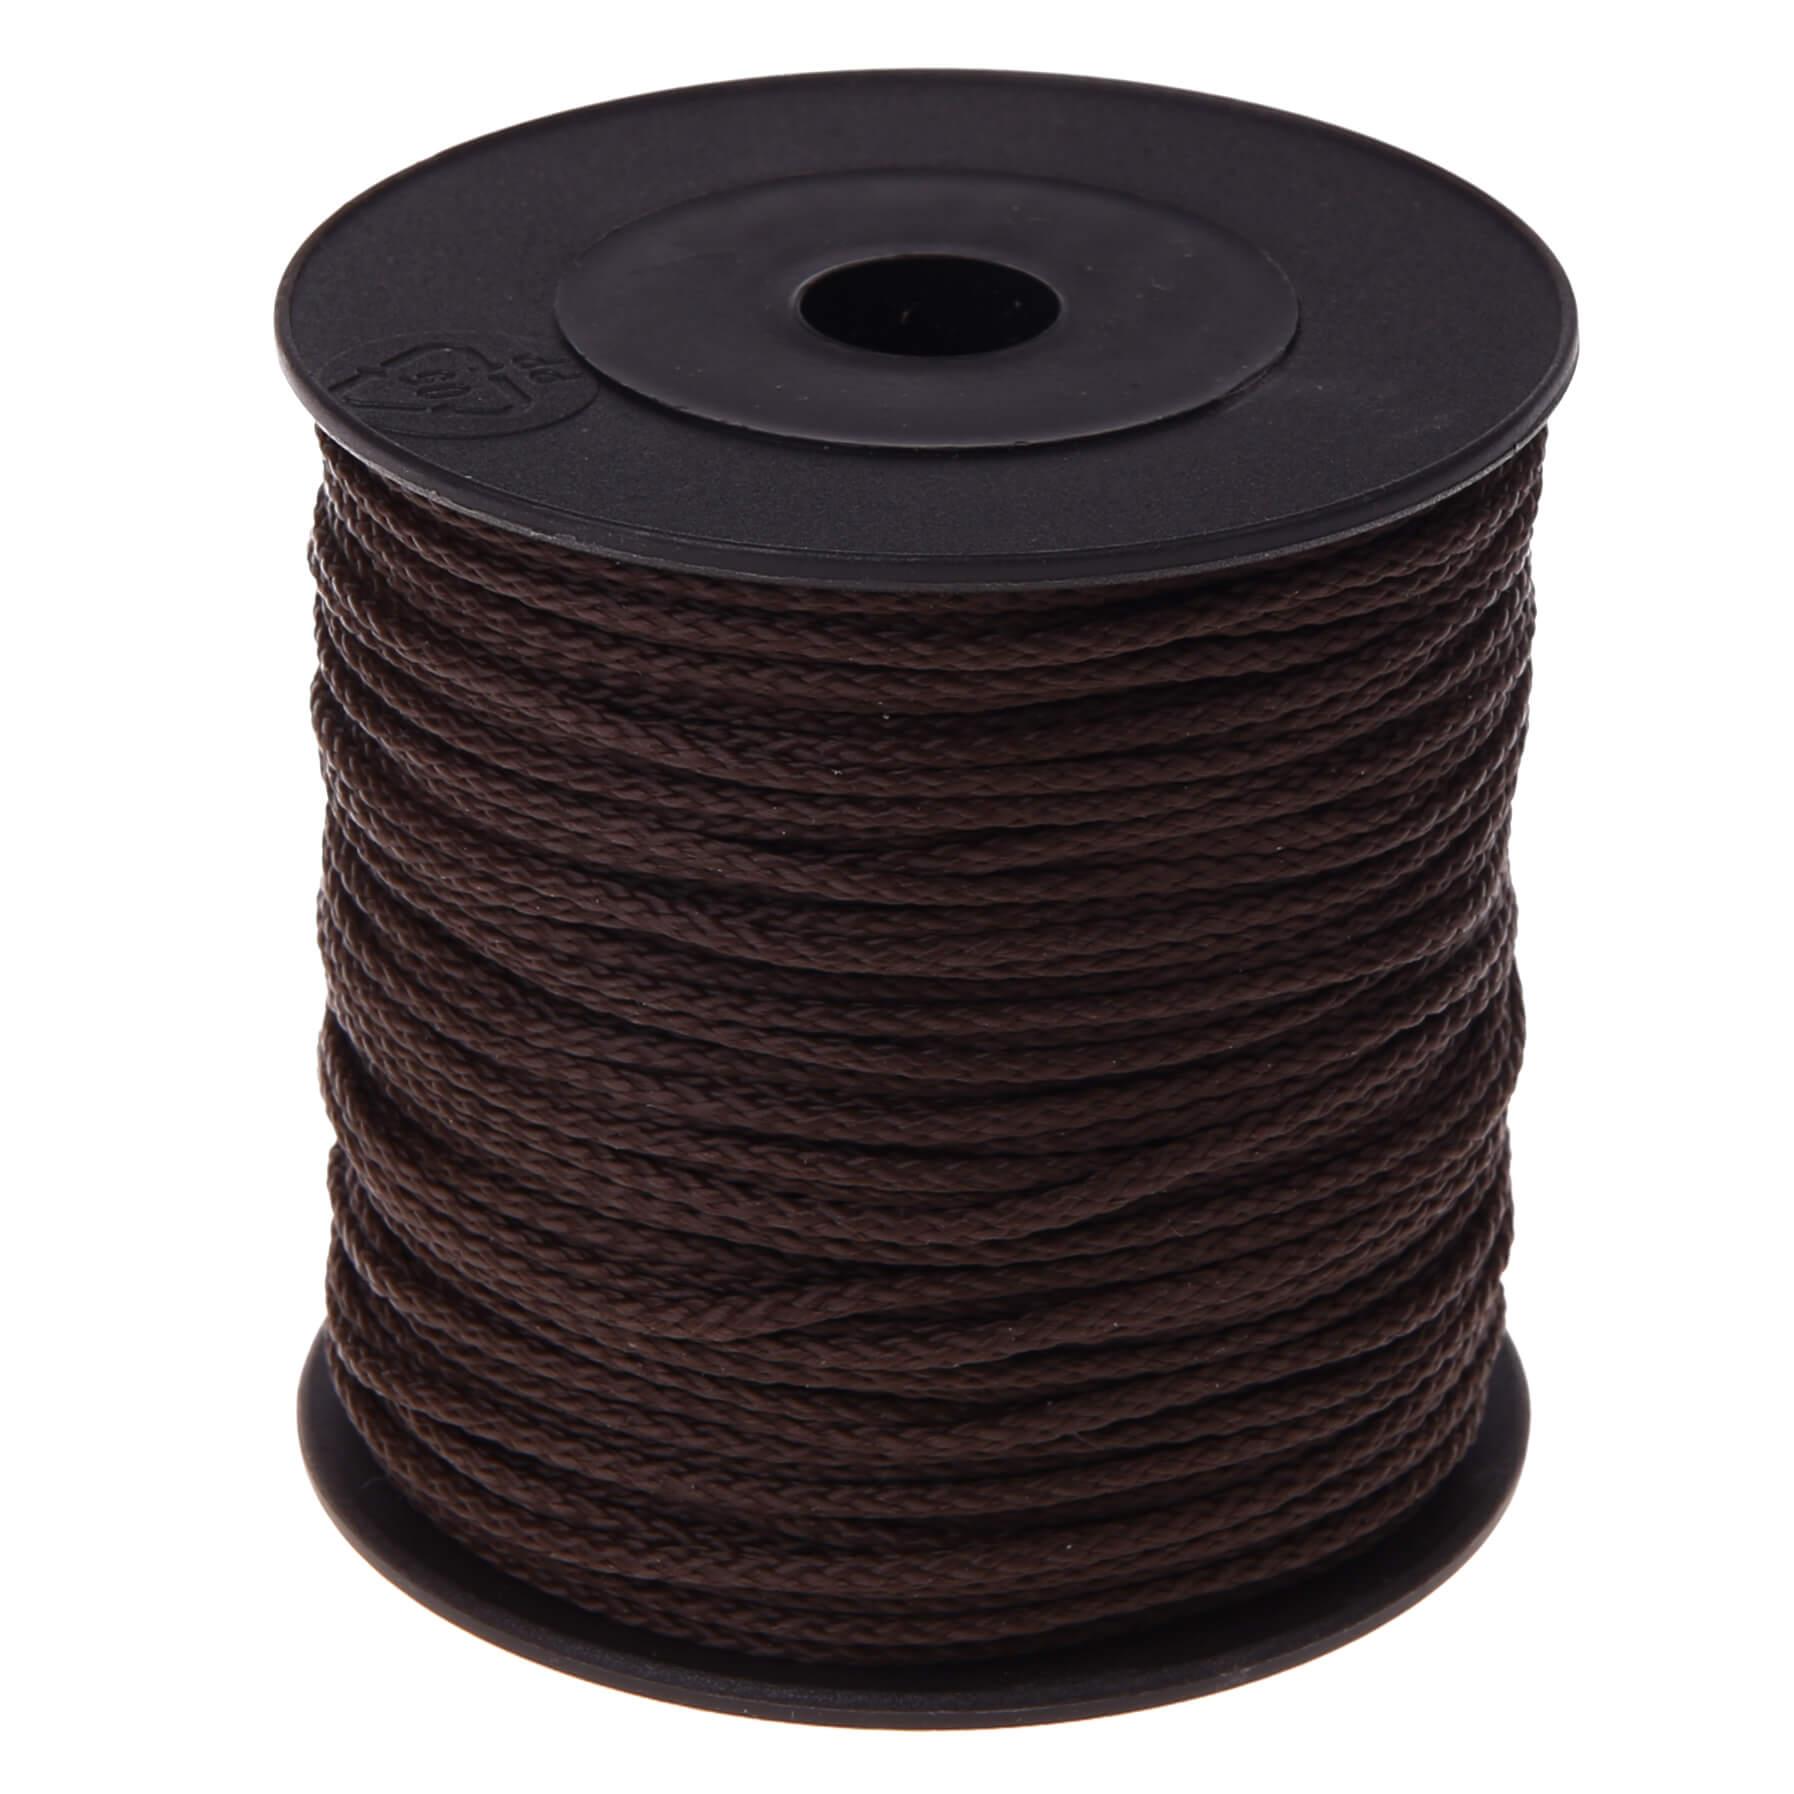 Polyester-Faden Ø 1,5mm • 1 Meter 'schwarz' 159 auf Lager